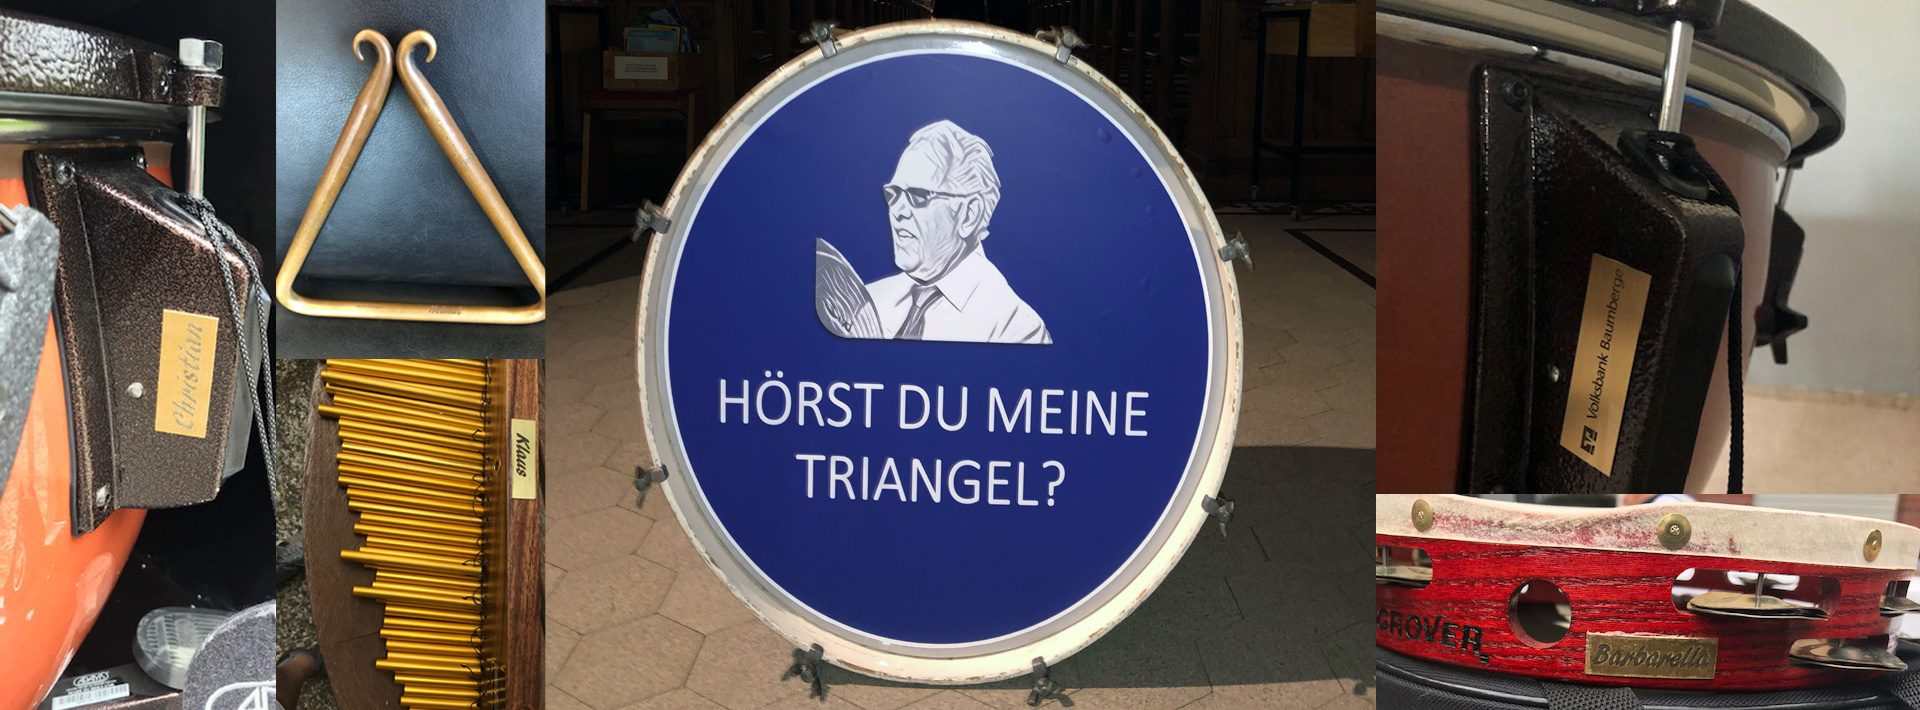 Hörst du meine Triangel - Wir sammeln für unser Schlagzeug